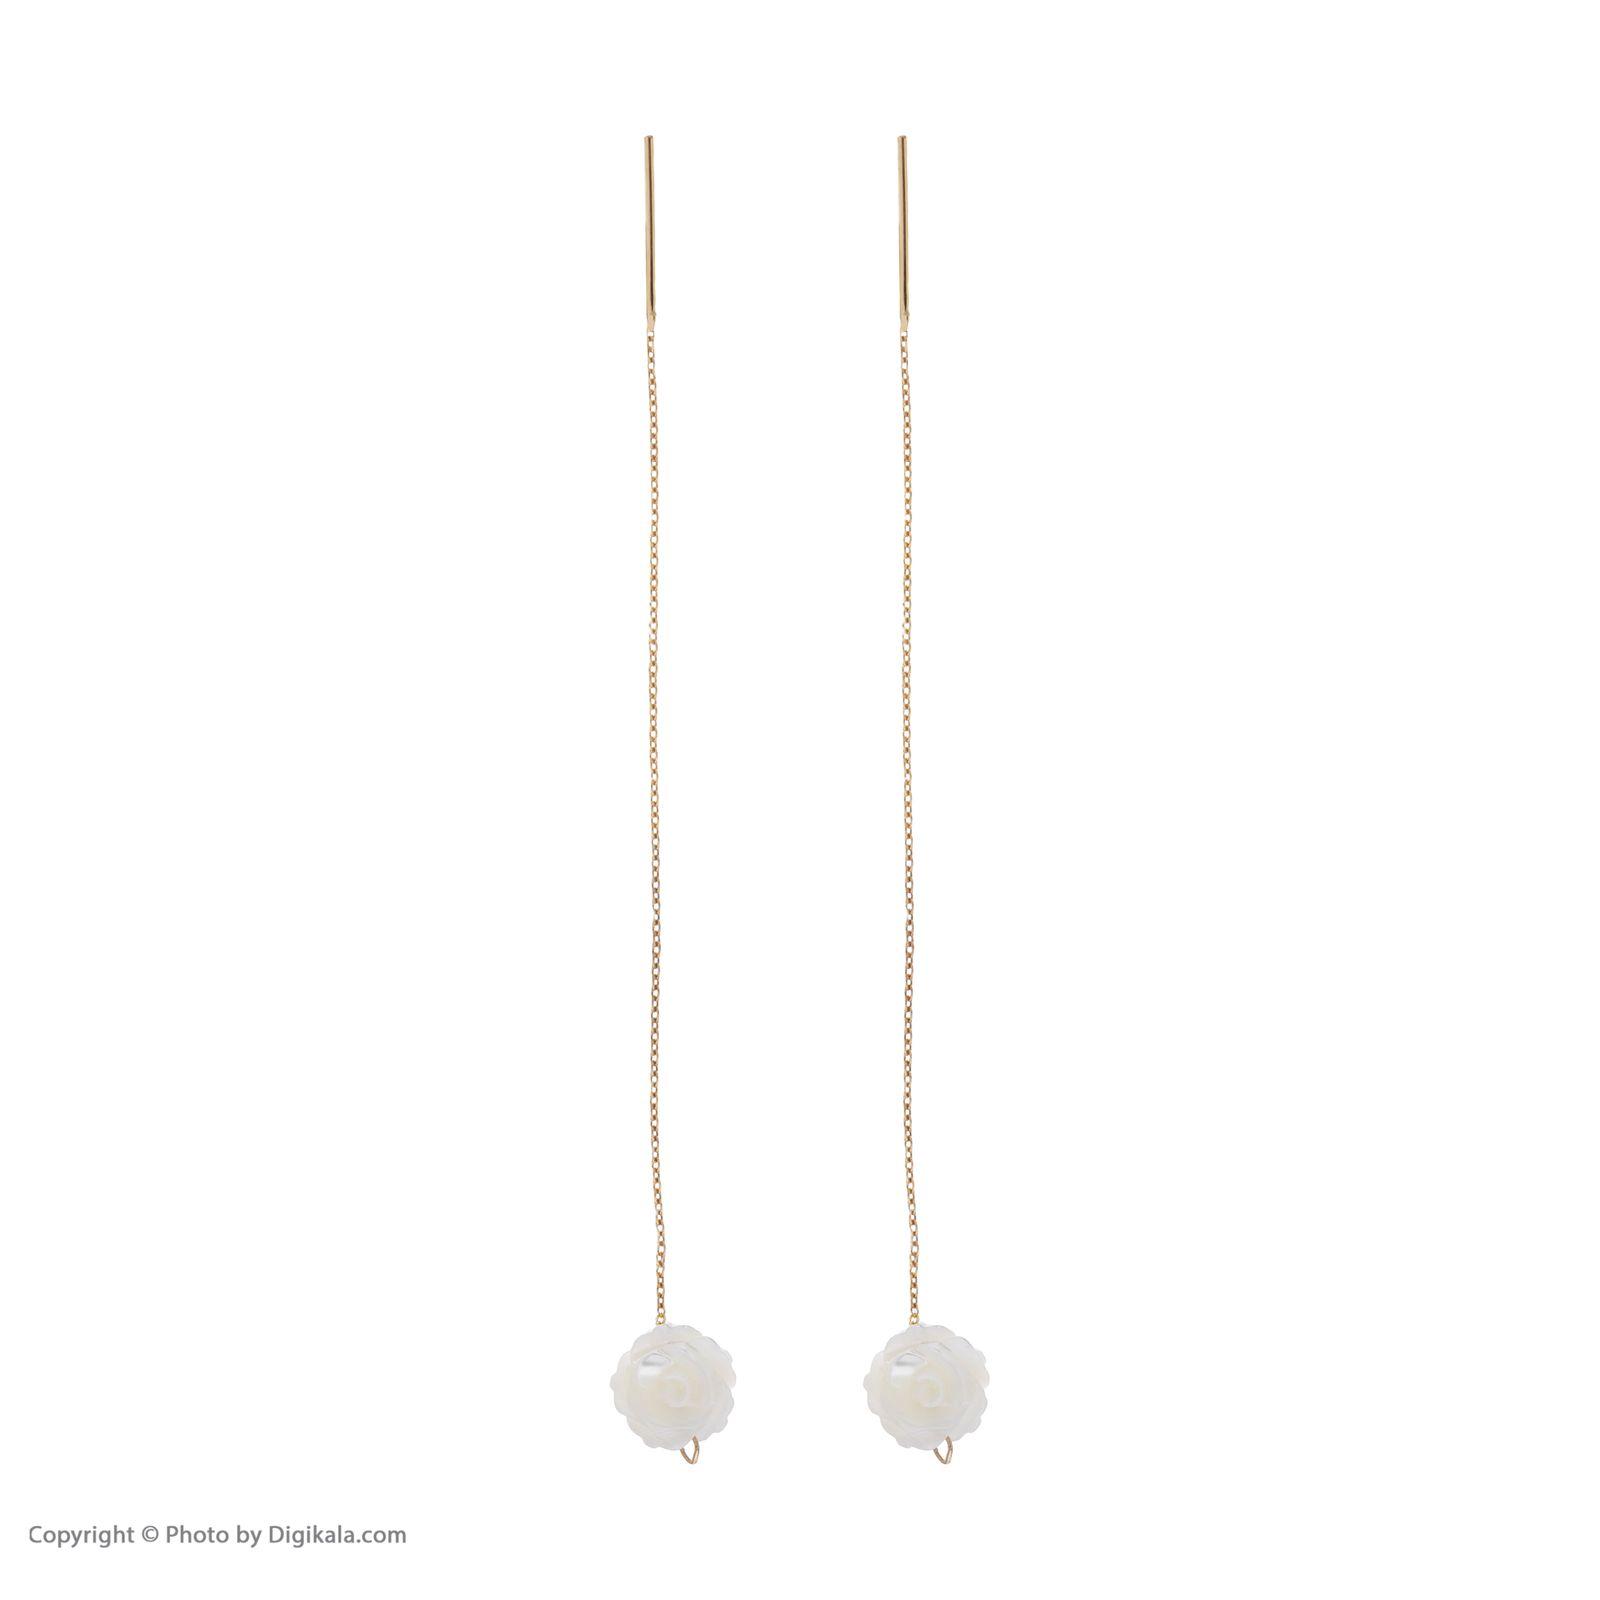 گوشواره طلا 18 عیار زنانه مایا ماهک مدل ME0846 -  - 4